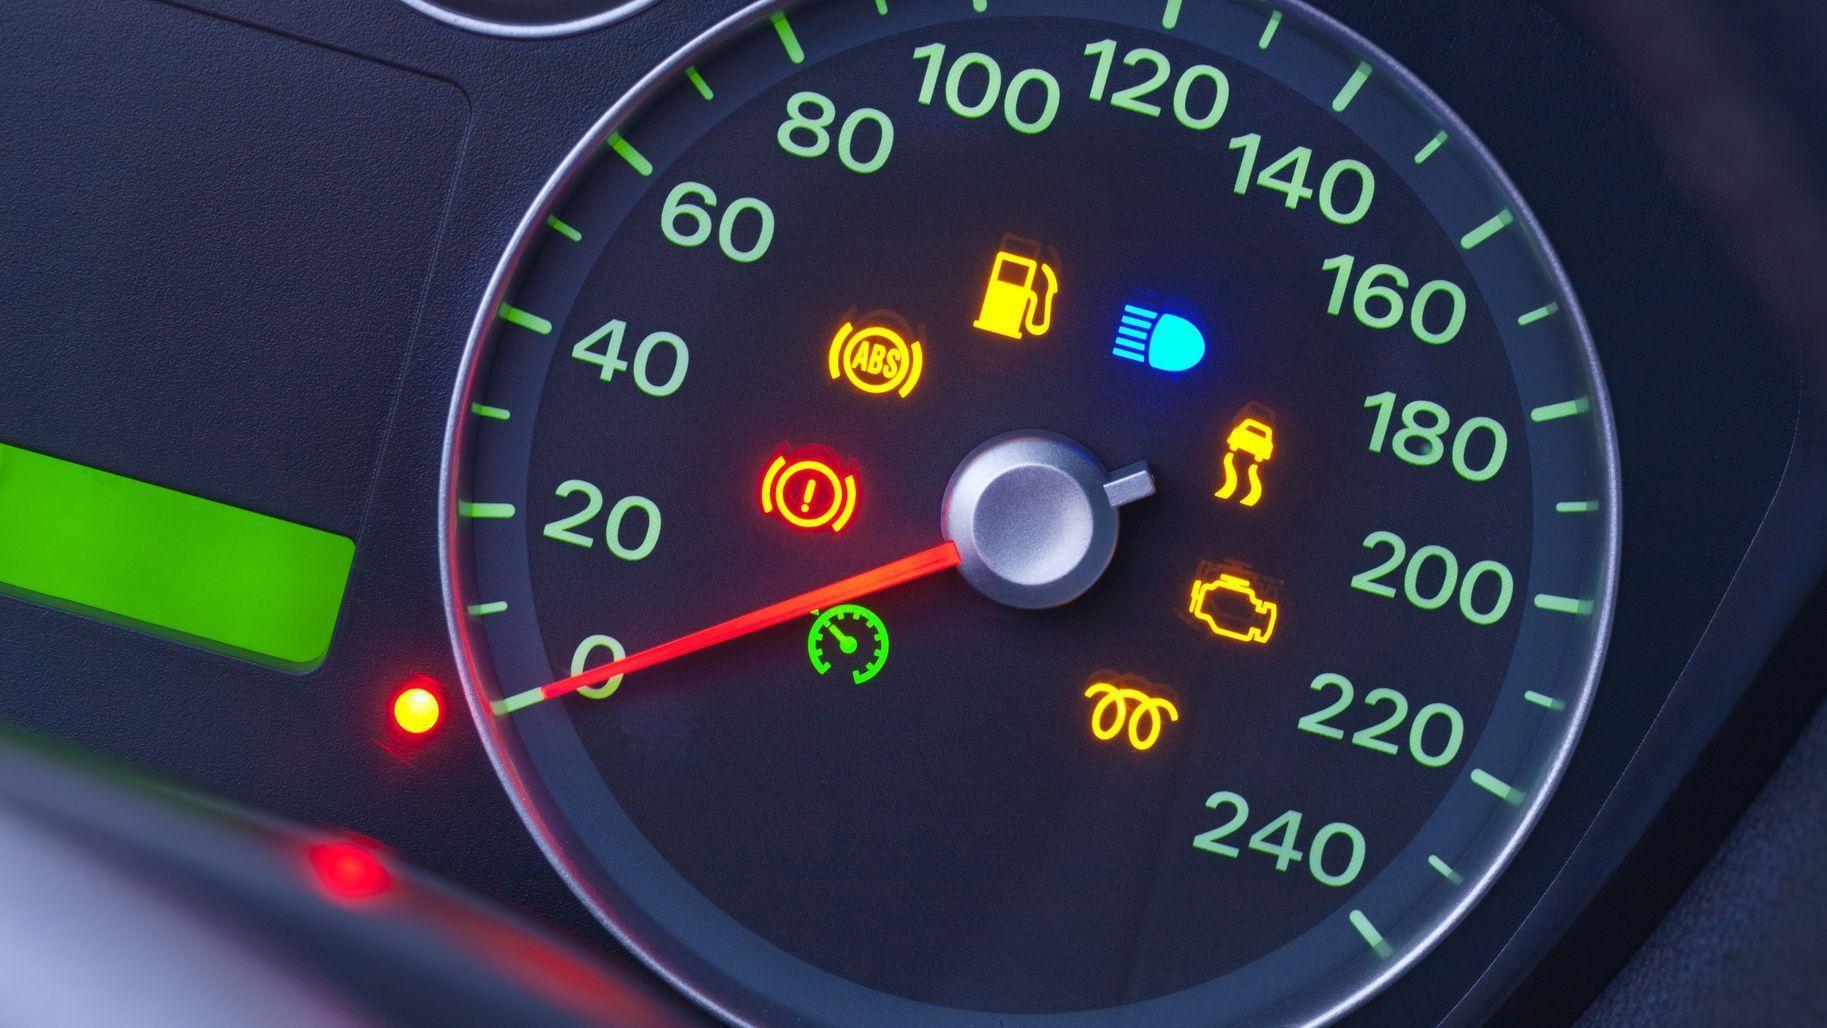 Sfaturi pentru soferii romania: Cum se conduce corect o masina diesel? - Sfaturi pentru soferii romania: Cum se conduce corect o masina diesel?